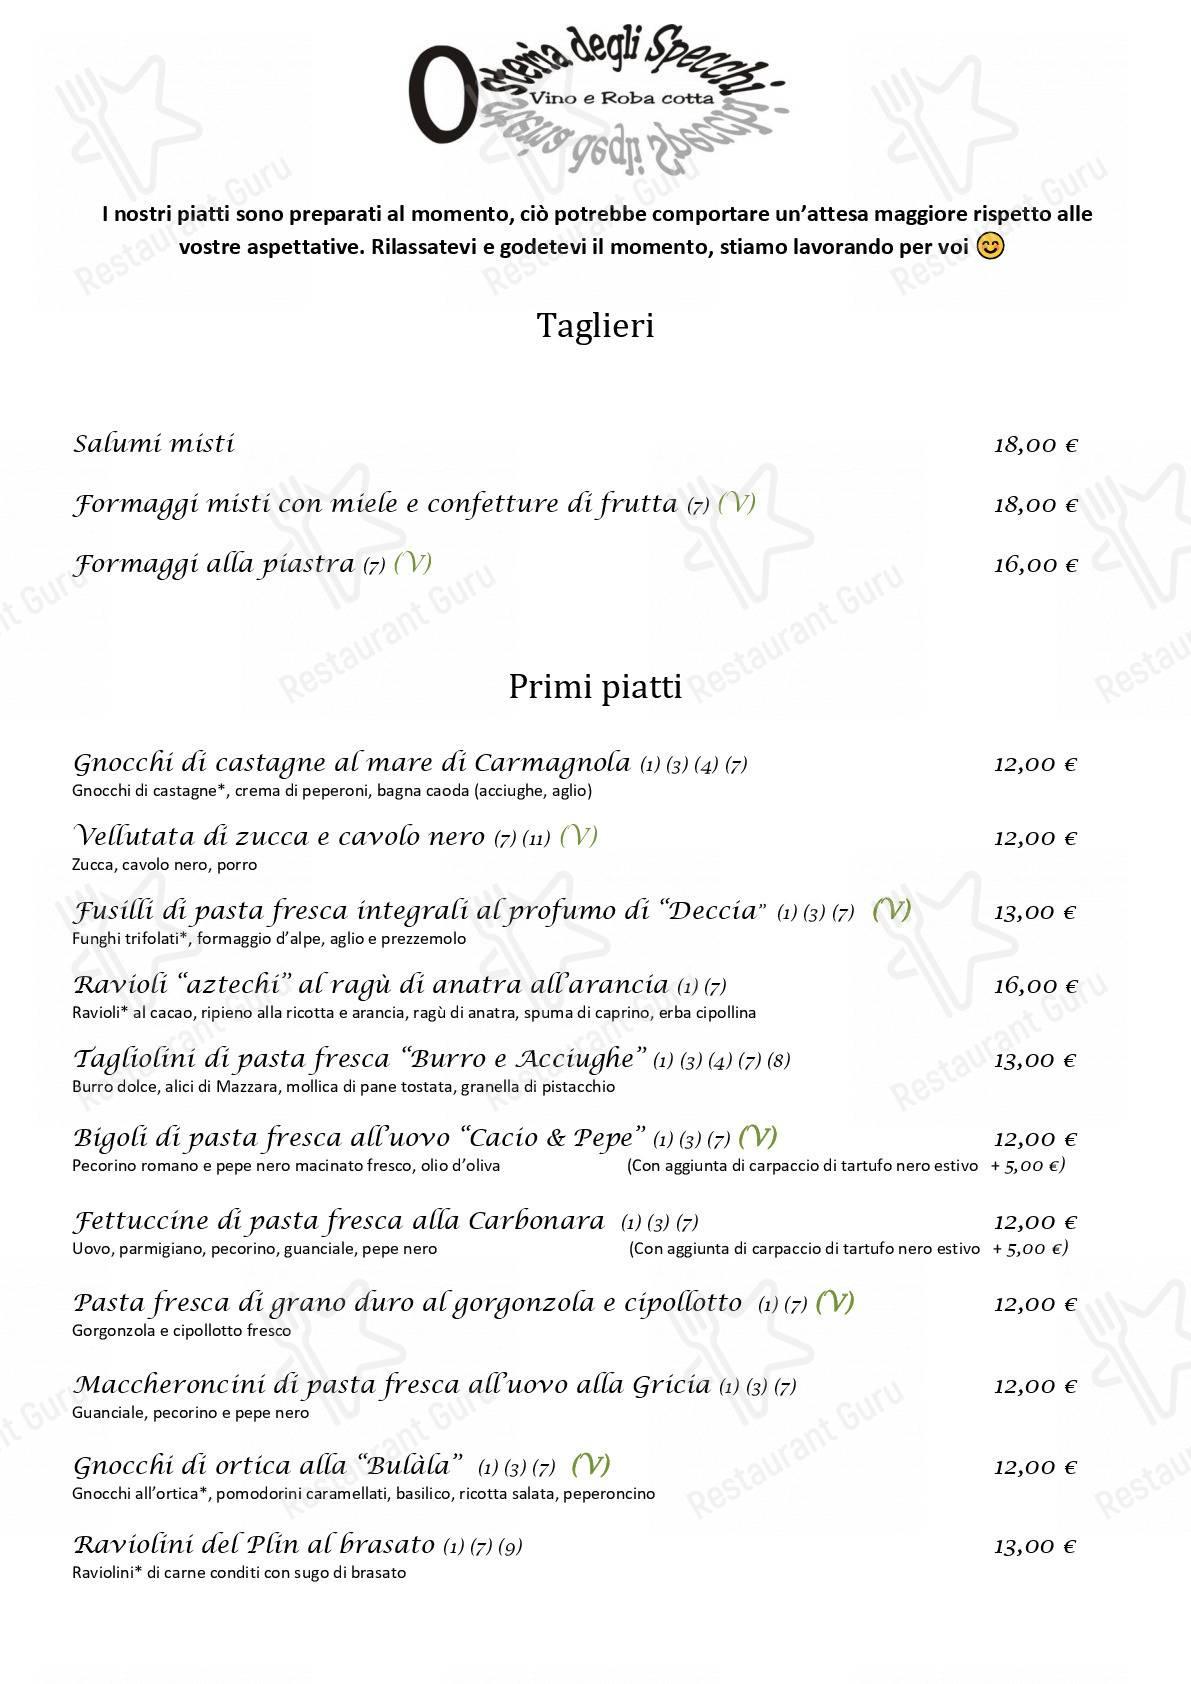 Check out the menu for osteria degli specchi